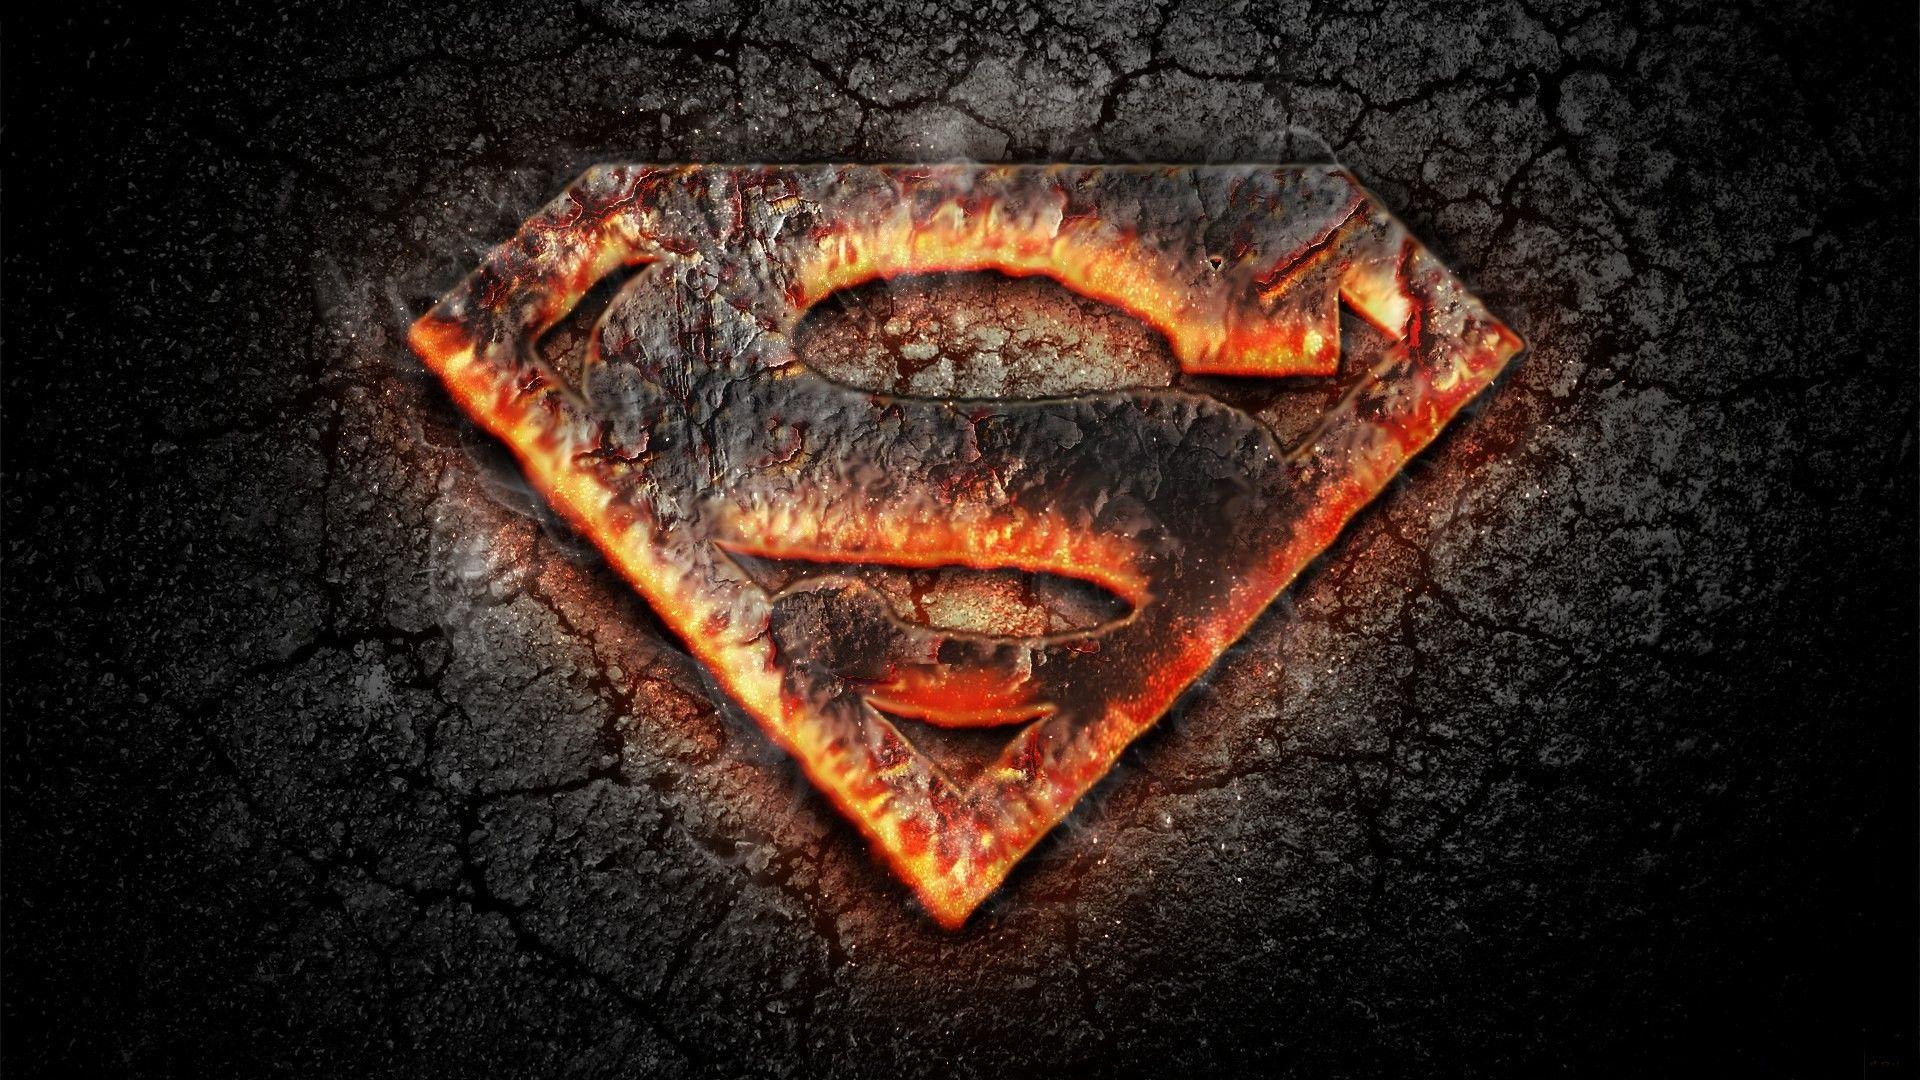 Hd superman wallpaper1920x1080 wallpaper pinterest superman hd superman wallpaper1920x1080 voltagebd Gallery